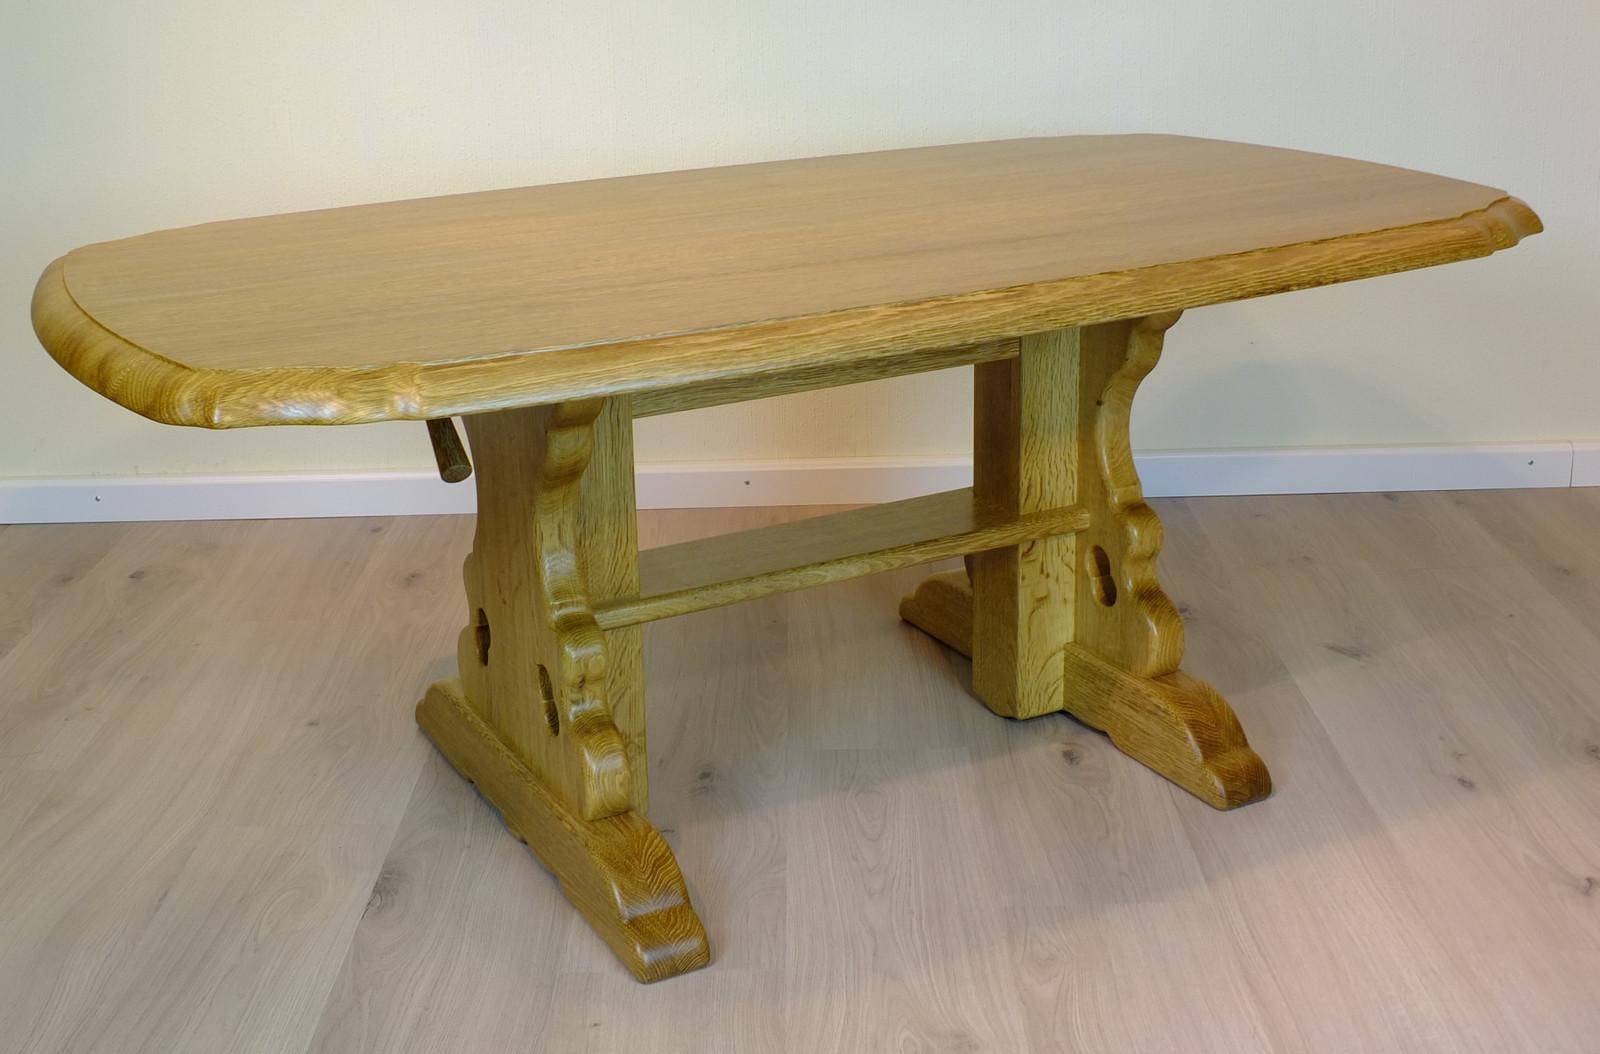 Couchtisch / Wohnzimmertisch / Wangen-Tisch mit Höhenverstellung, höhenverstellbar von 58 - 77 cm - Tischgröße wählbar / Eiche Buche Kirschbaum Nussbaum / Oberfläche nach Wahl ( geölt / lackiert / gelaugt / P43 / gebeizt uvm.)